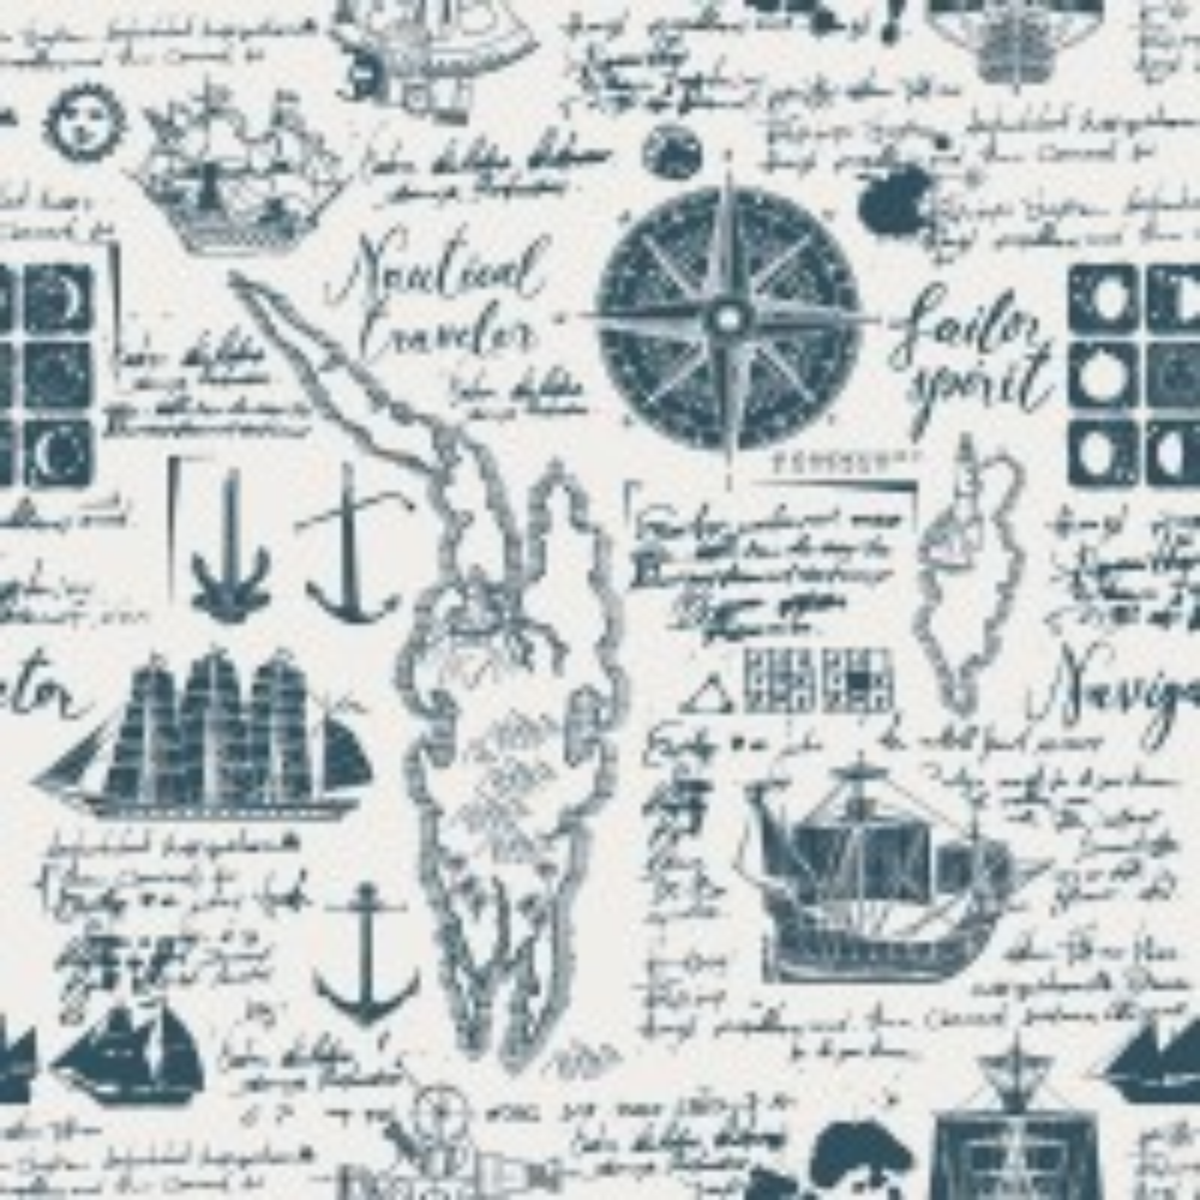 Inked Traveler Map Wallpaper Mural for Children